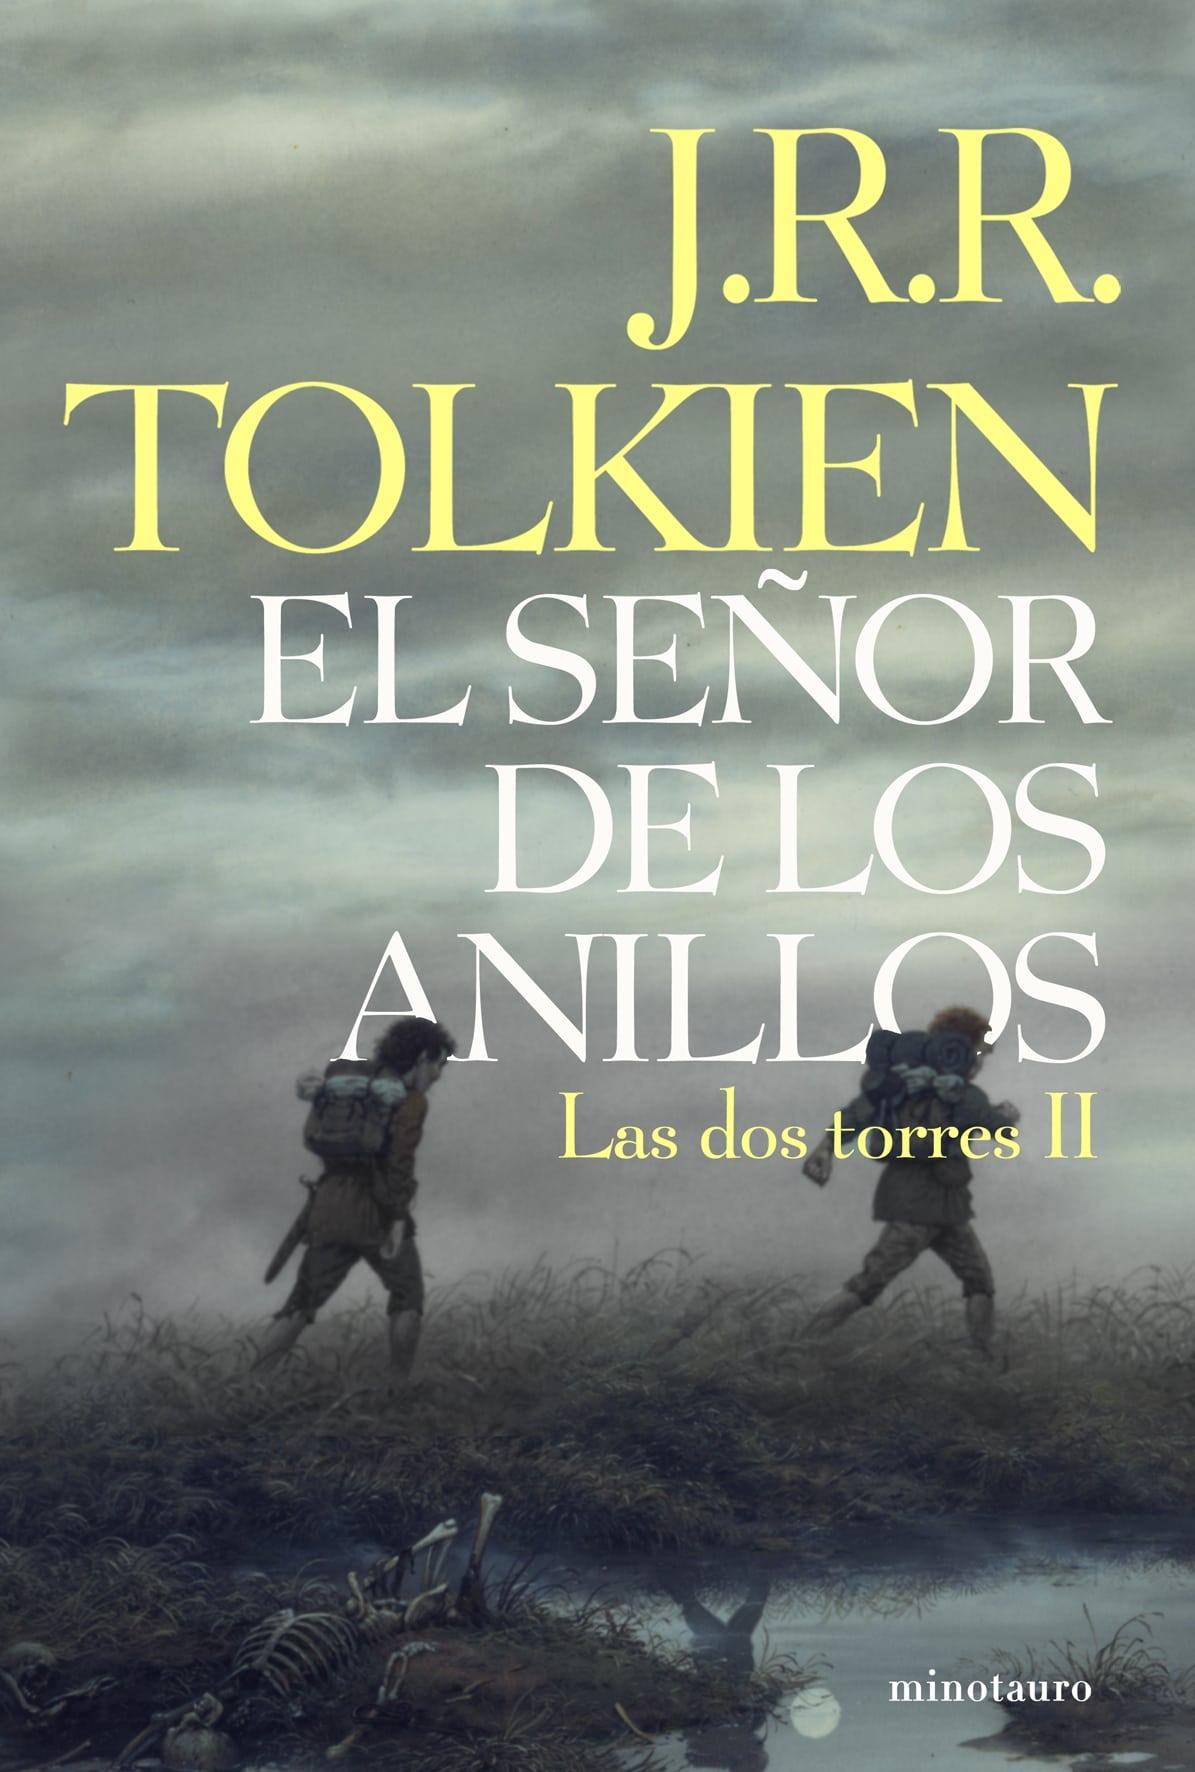 Descargar el libro Las dos torres (PDF - ePUB)